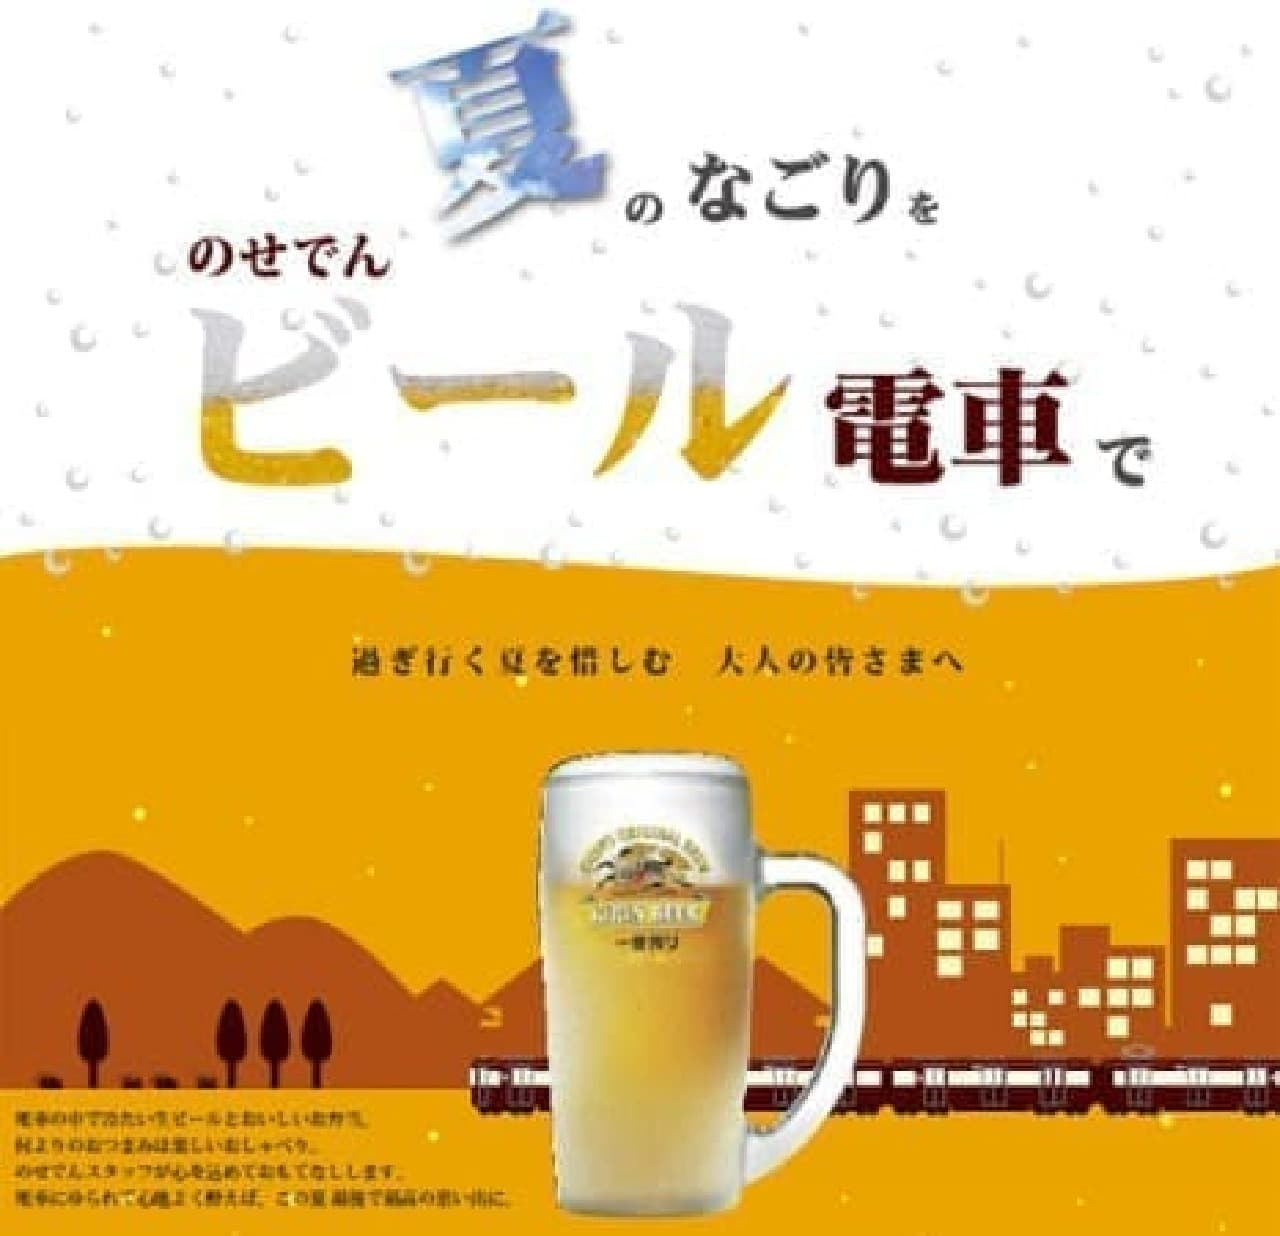 「のせでんビール電車」ふたたび!